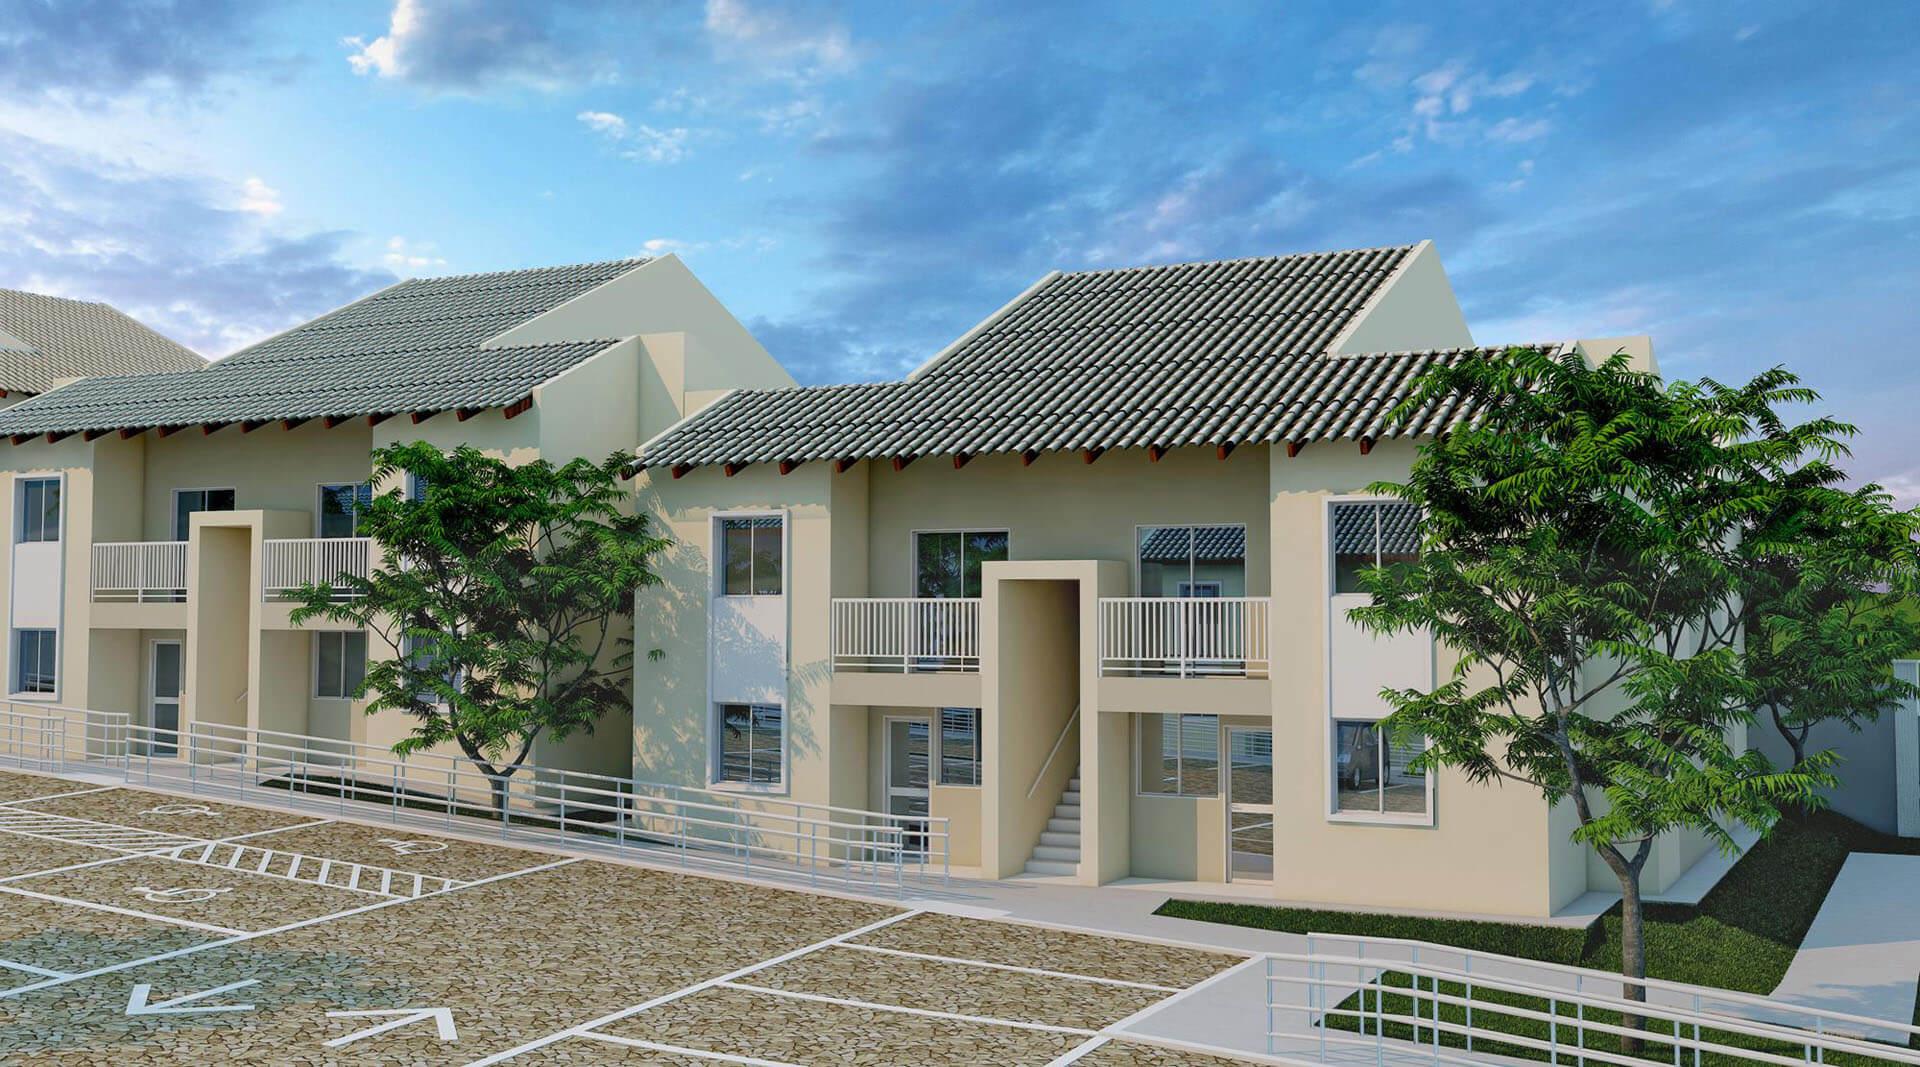 vic-villa-bella-lagoa-fachada